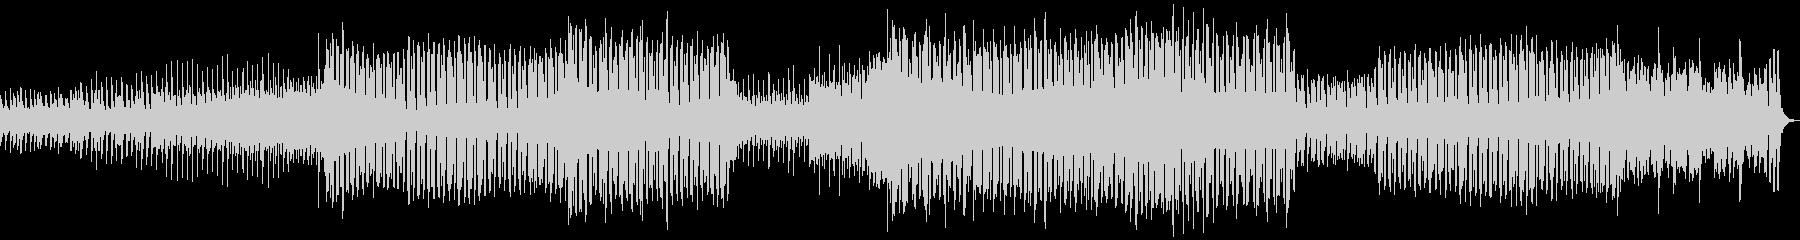 ノリのいいシンプルなEDMの未再生の波形